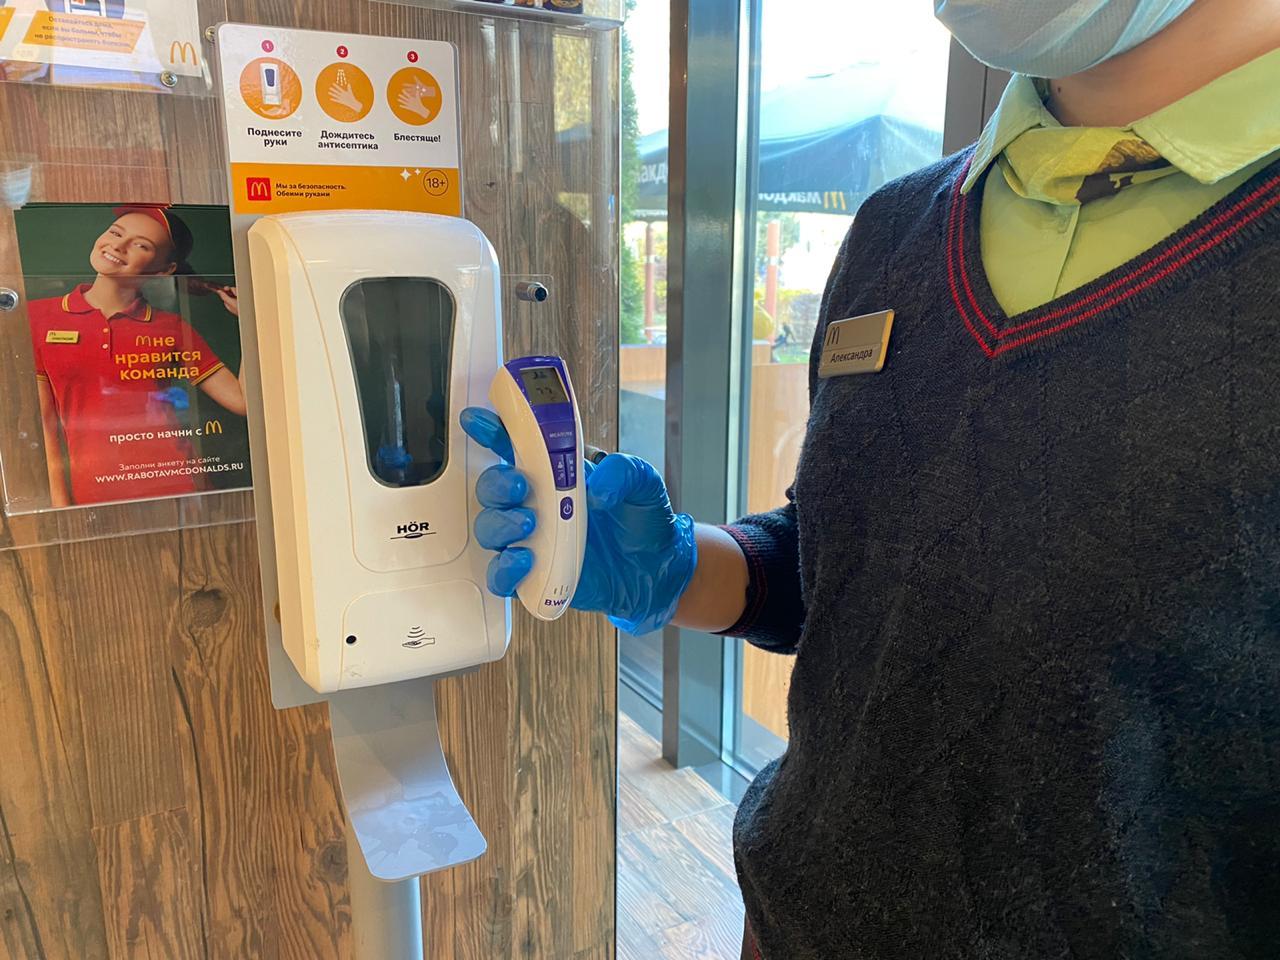 Измерение температуры в Макдоналдс термометром WF-5000, фото